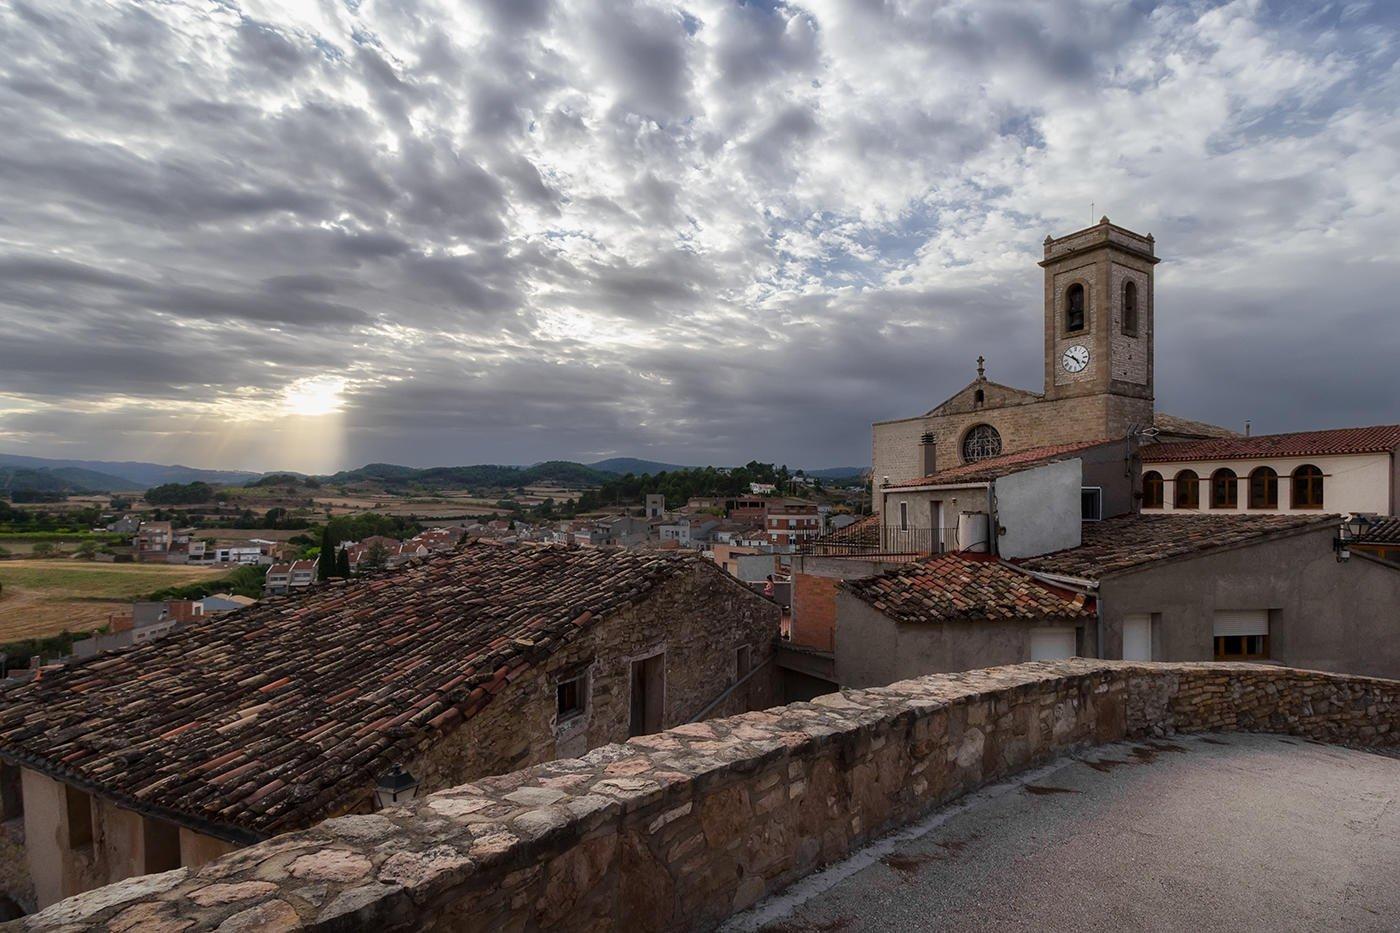 San Martí de Tous (Miguel Angel Vázquez Márquez)